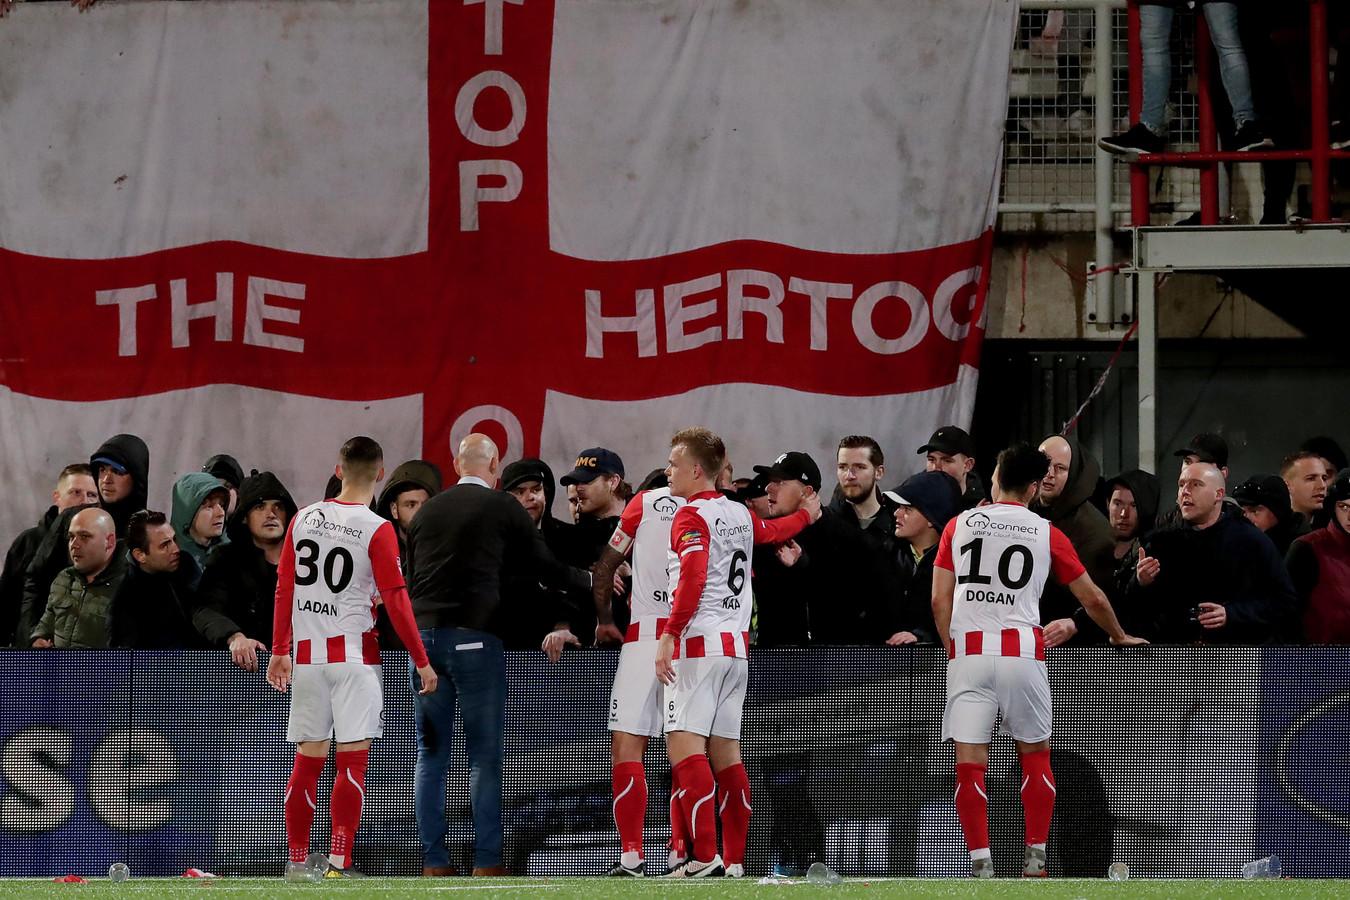 Spelers van TOP kalmeren boze supporters.